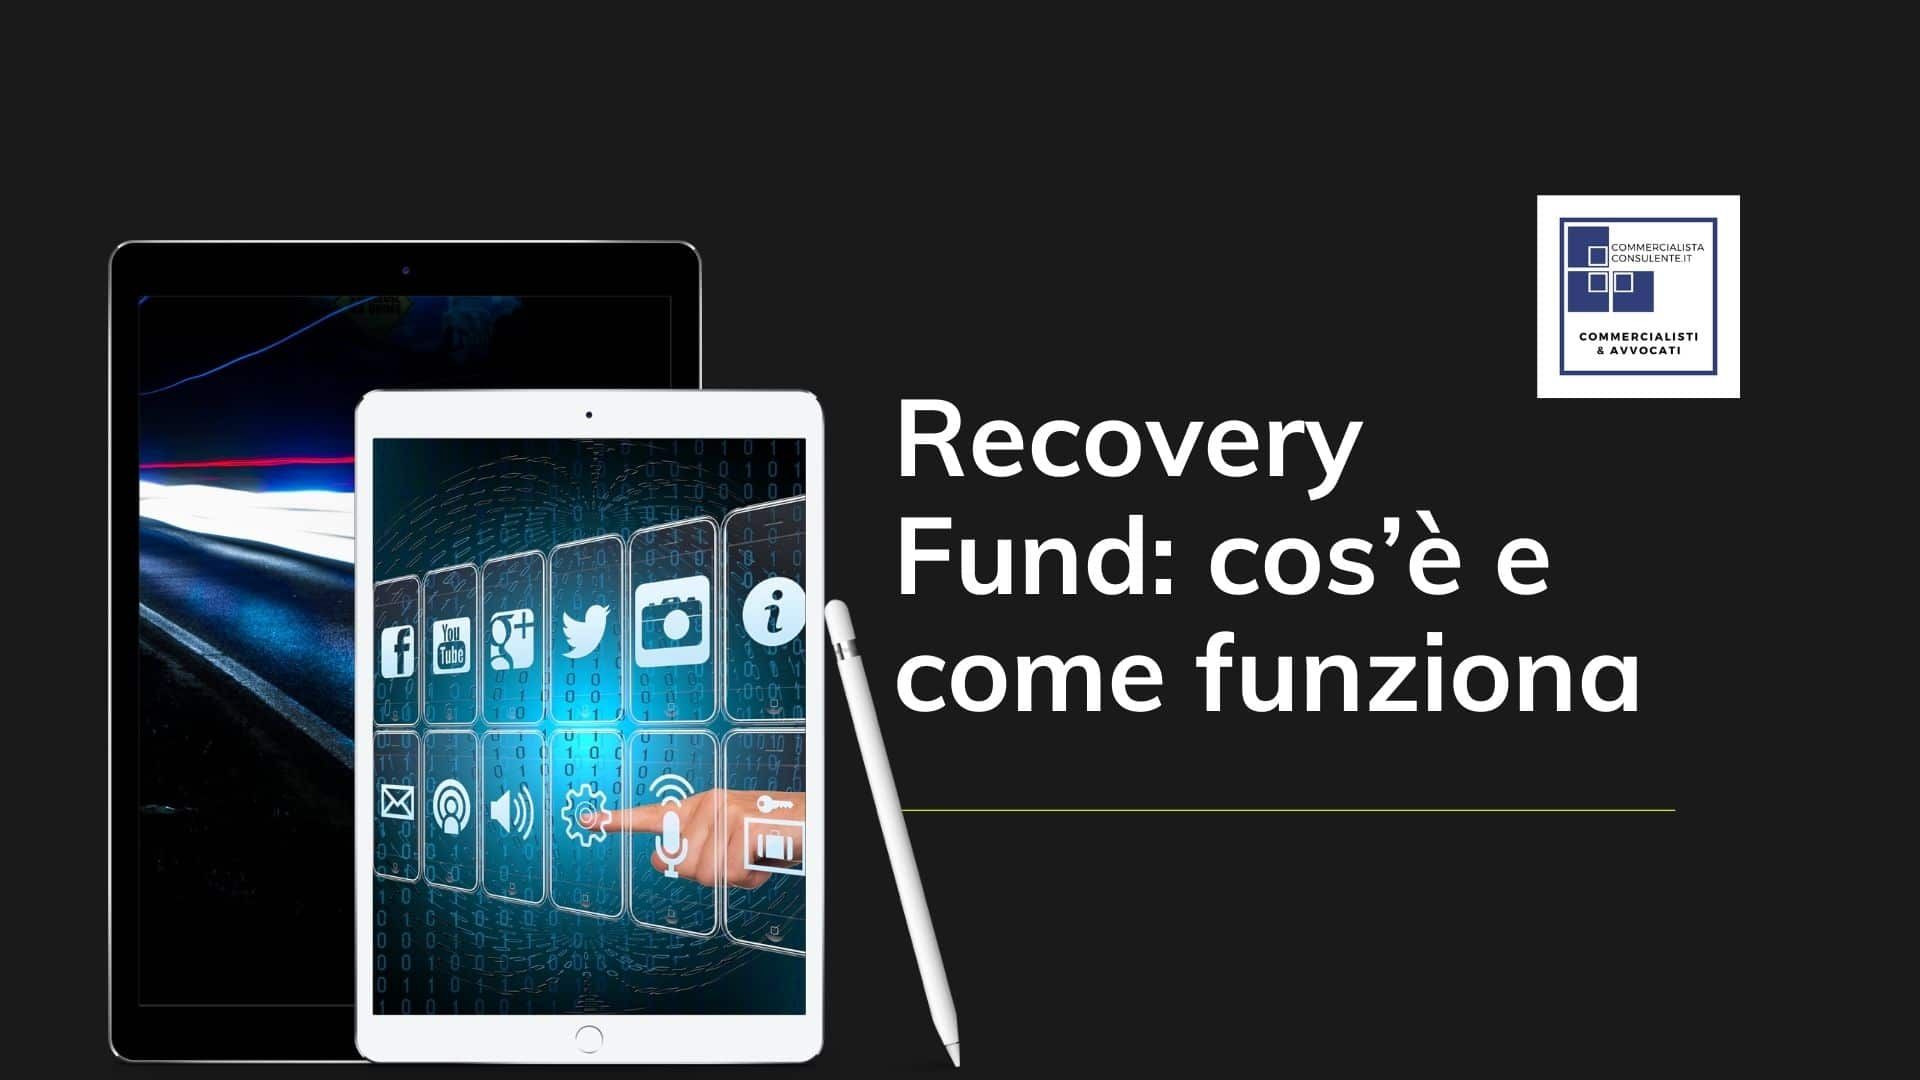 cos'è il recovery fund